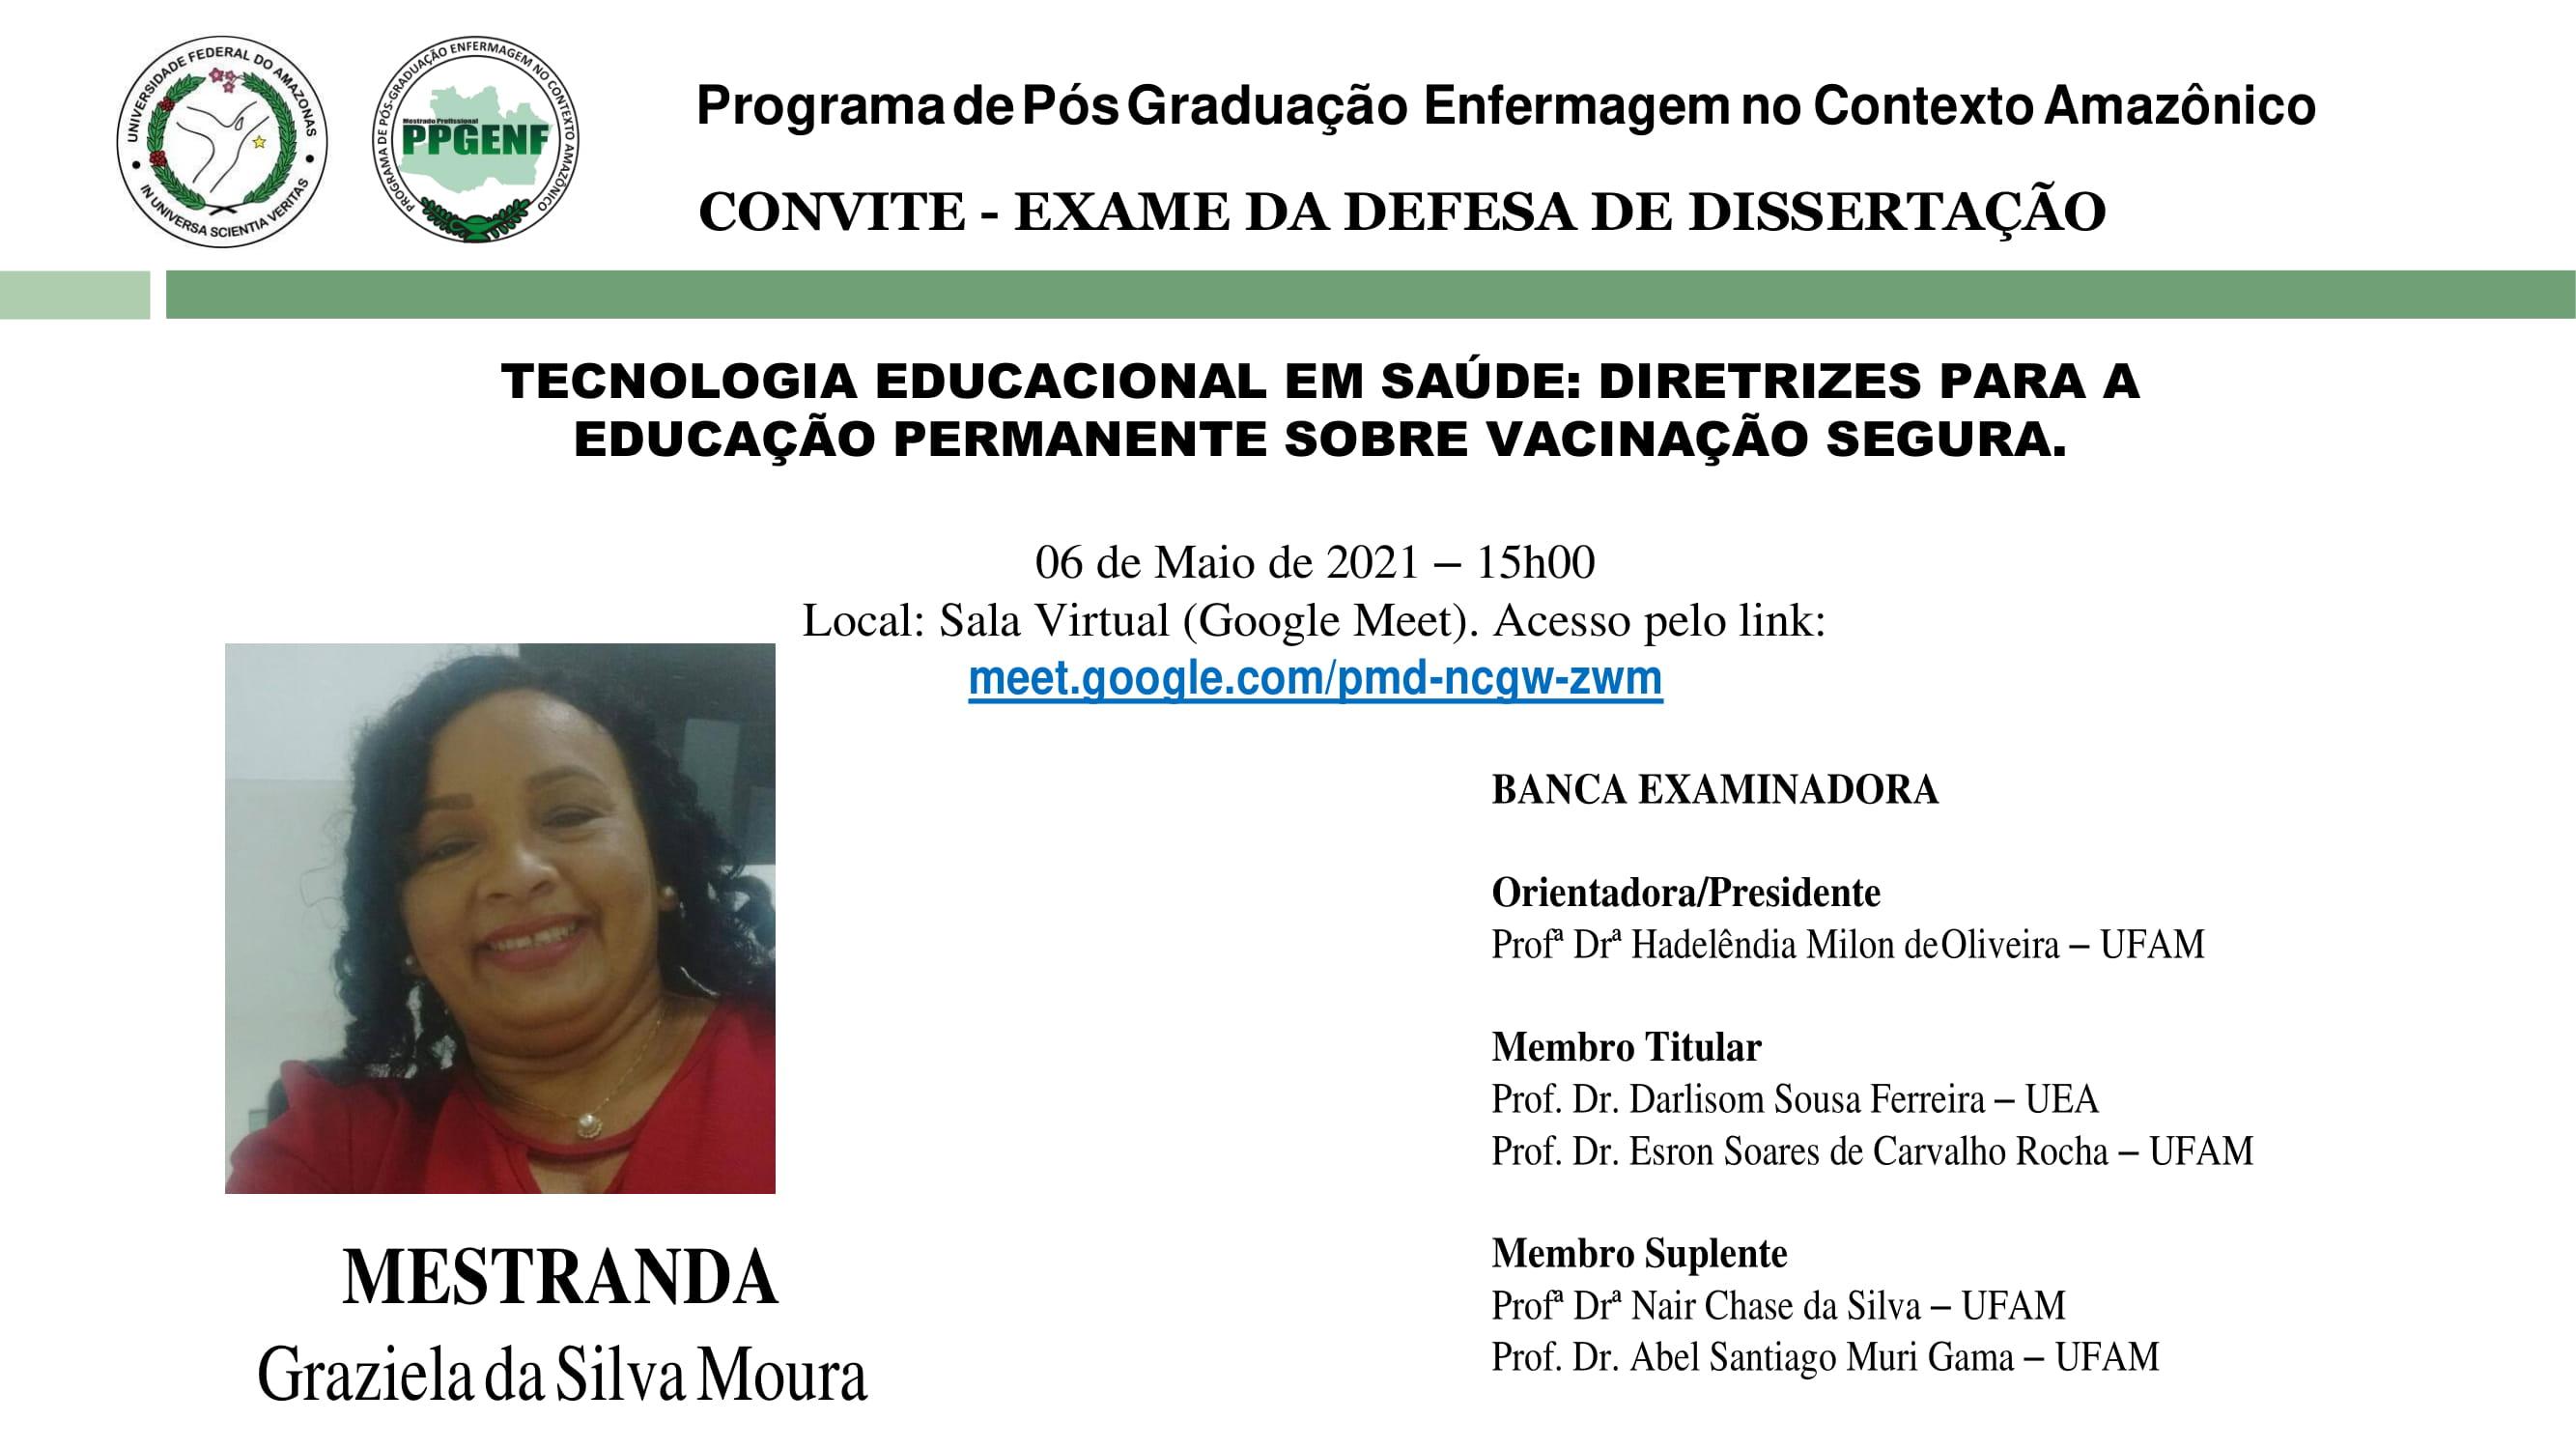 CONVITE EXAME DE QUALIFICAÇÃO - Graziela da Silva Moura